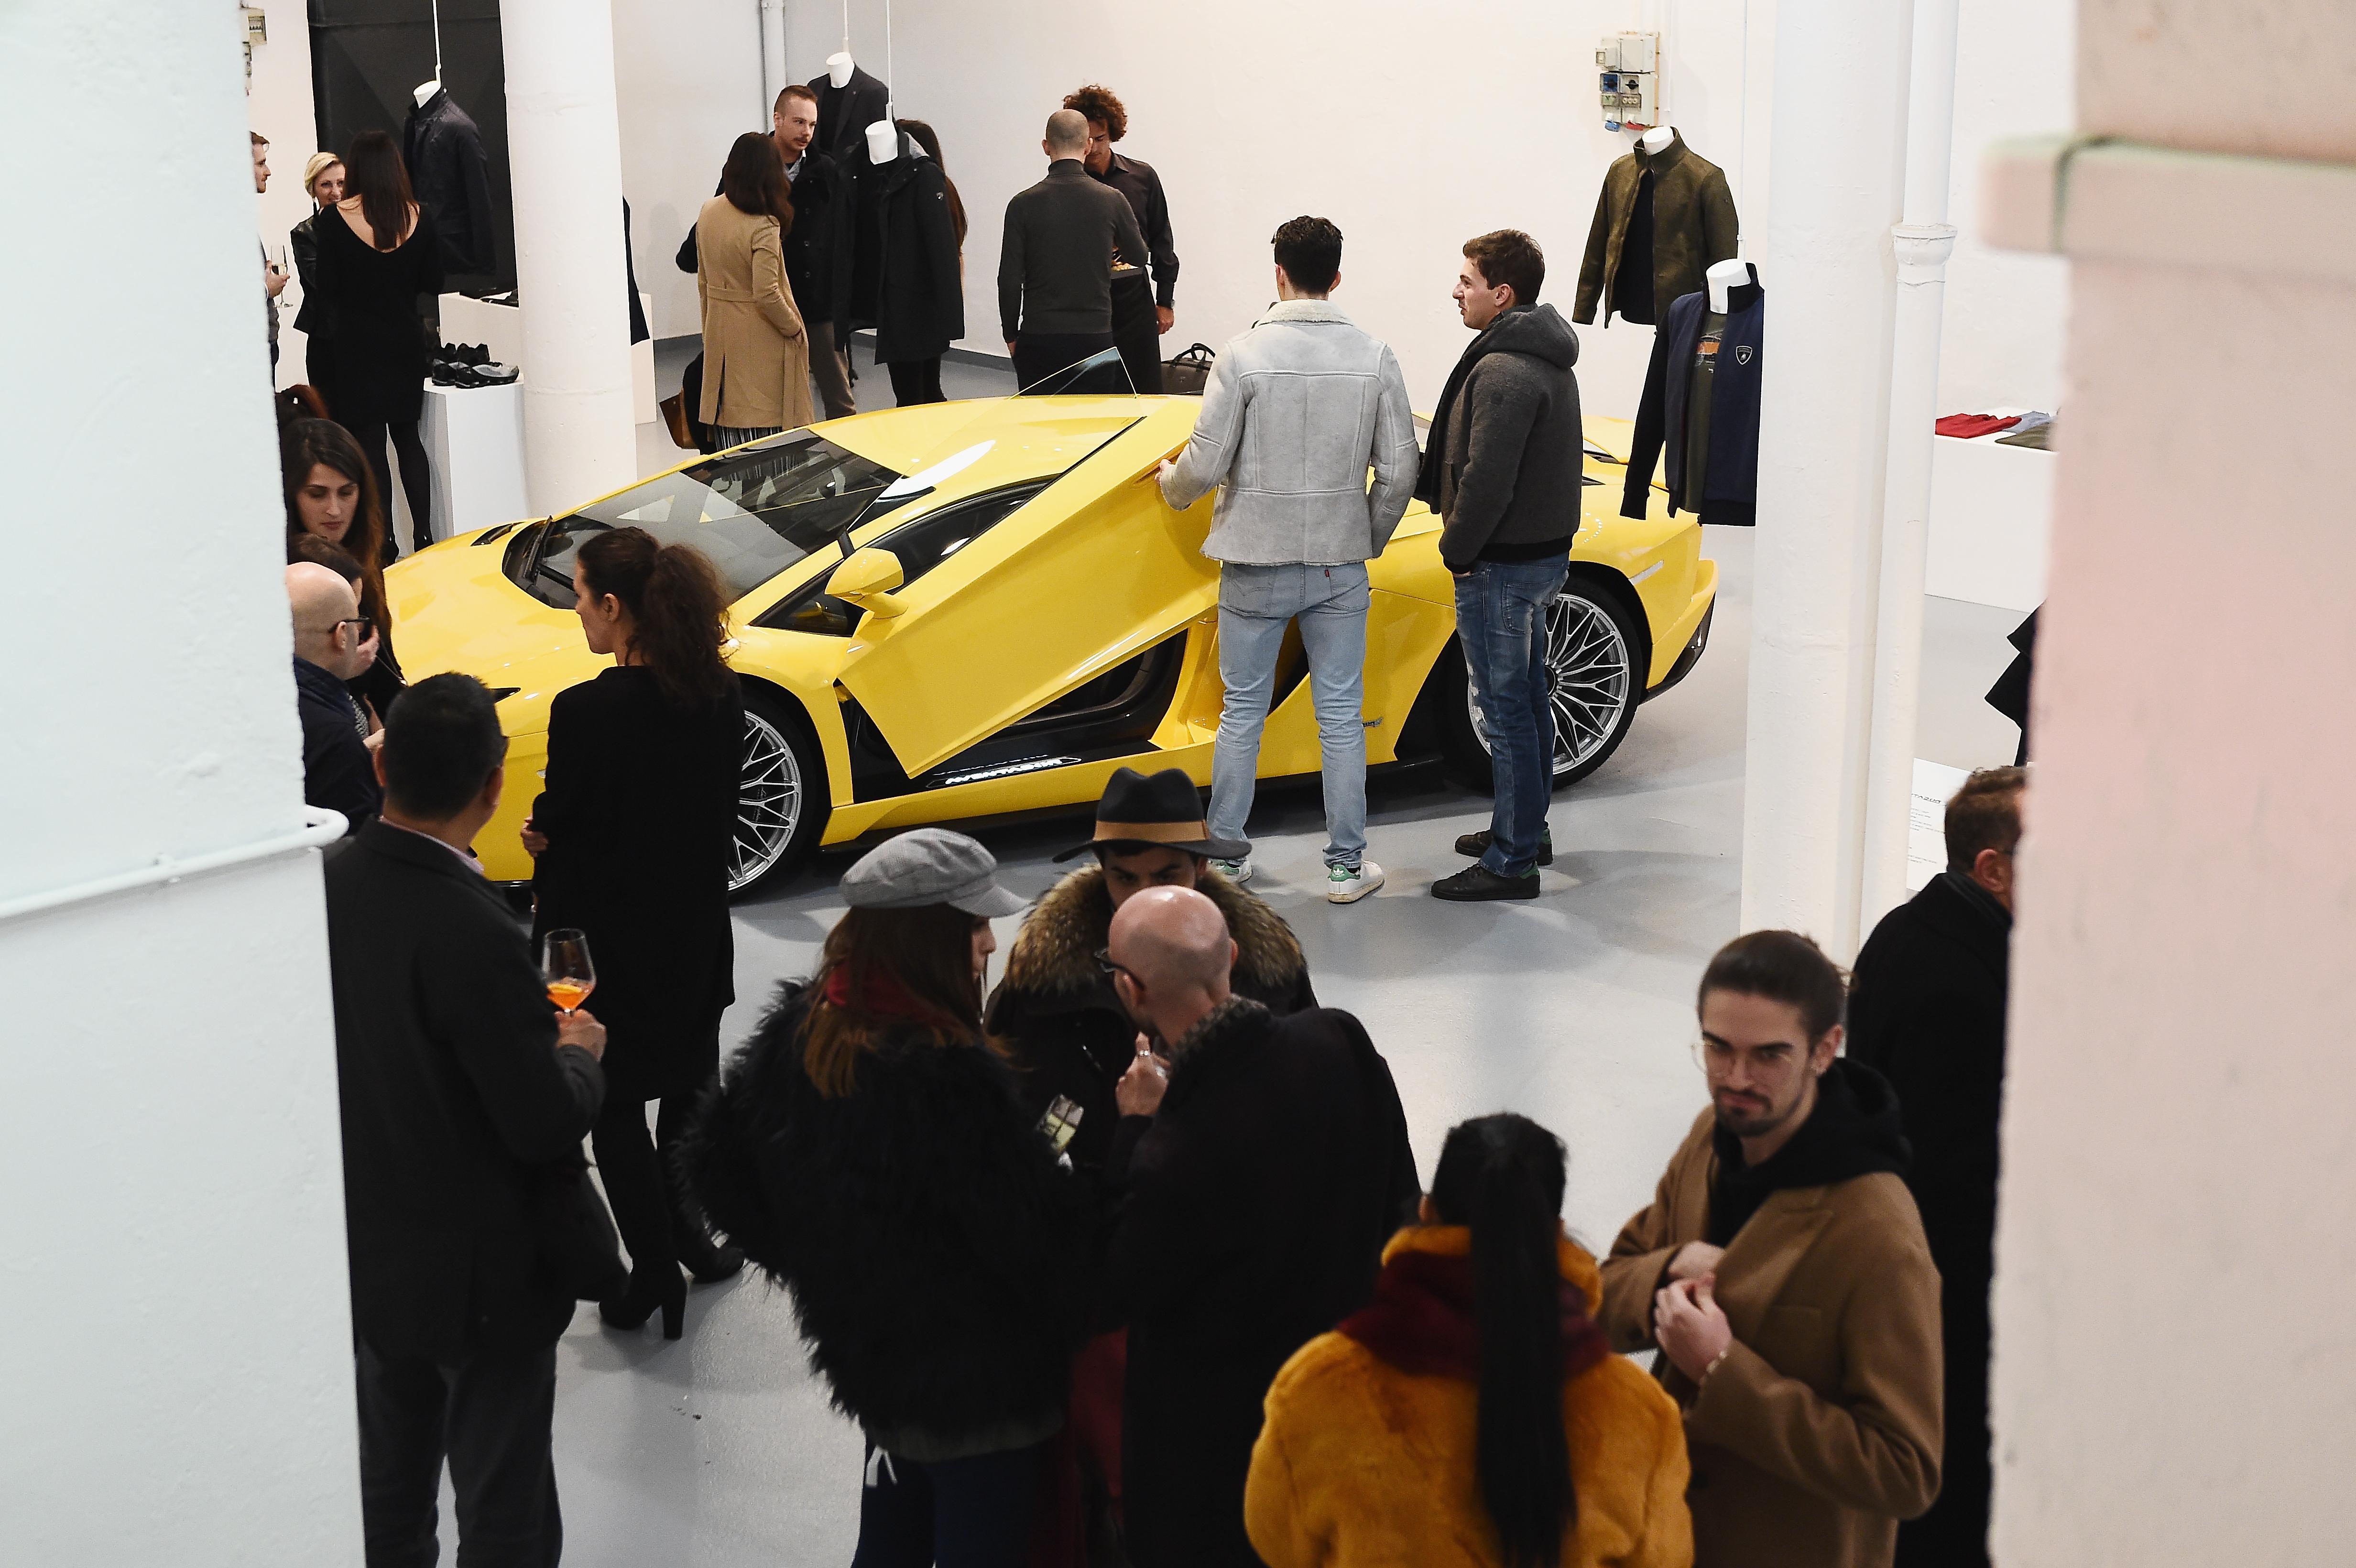 Collezione Automobili Lamborghini – MILAN FASHION WEEK